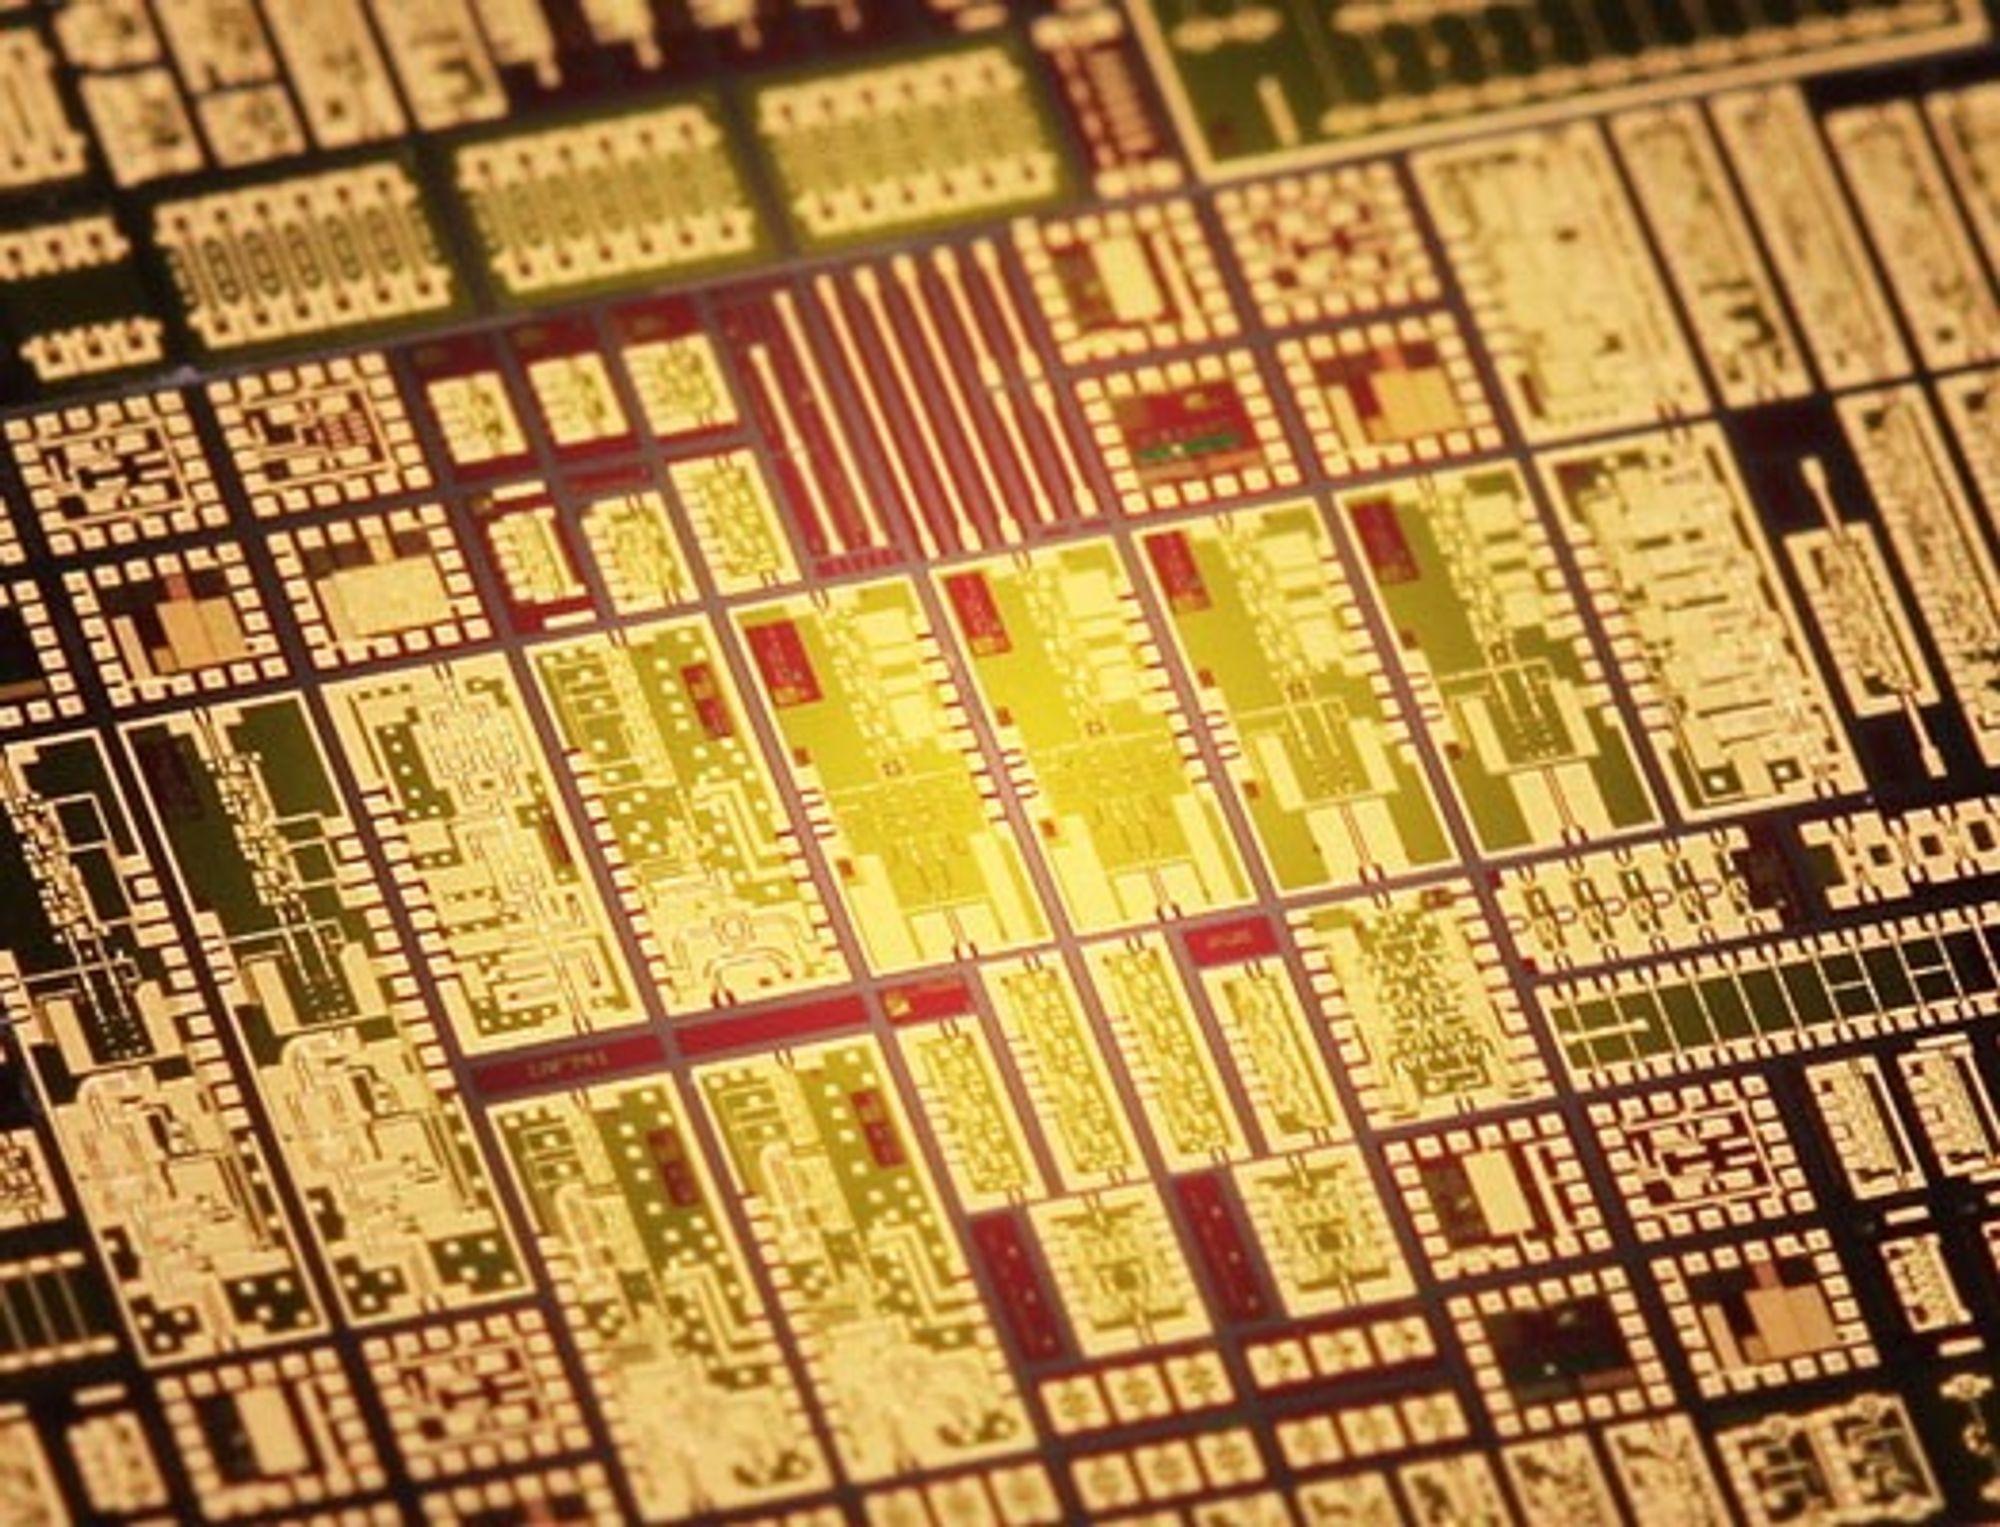 Den høyfrekvente chip'en måler bare 4x1.5 kvadratmillimeter.